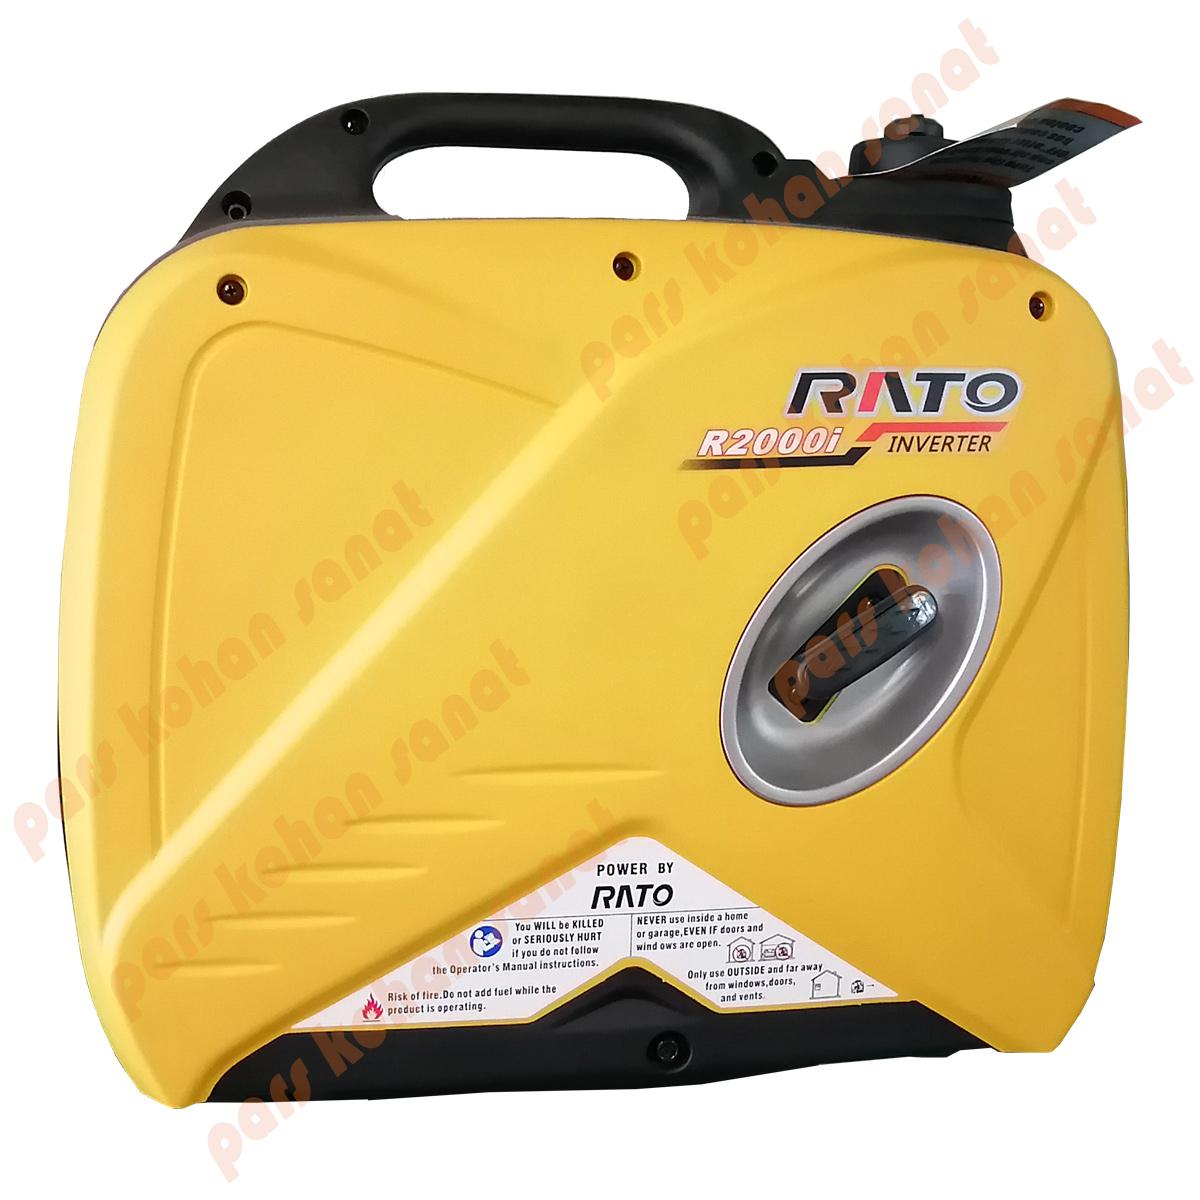 موتور برق کیفی راتو مدل RATO R2000i